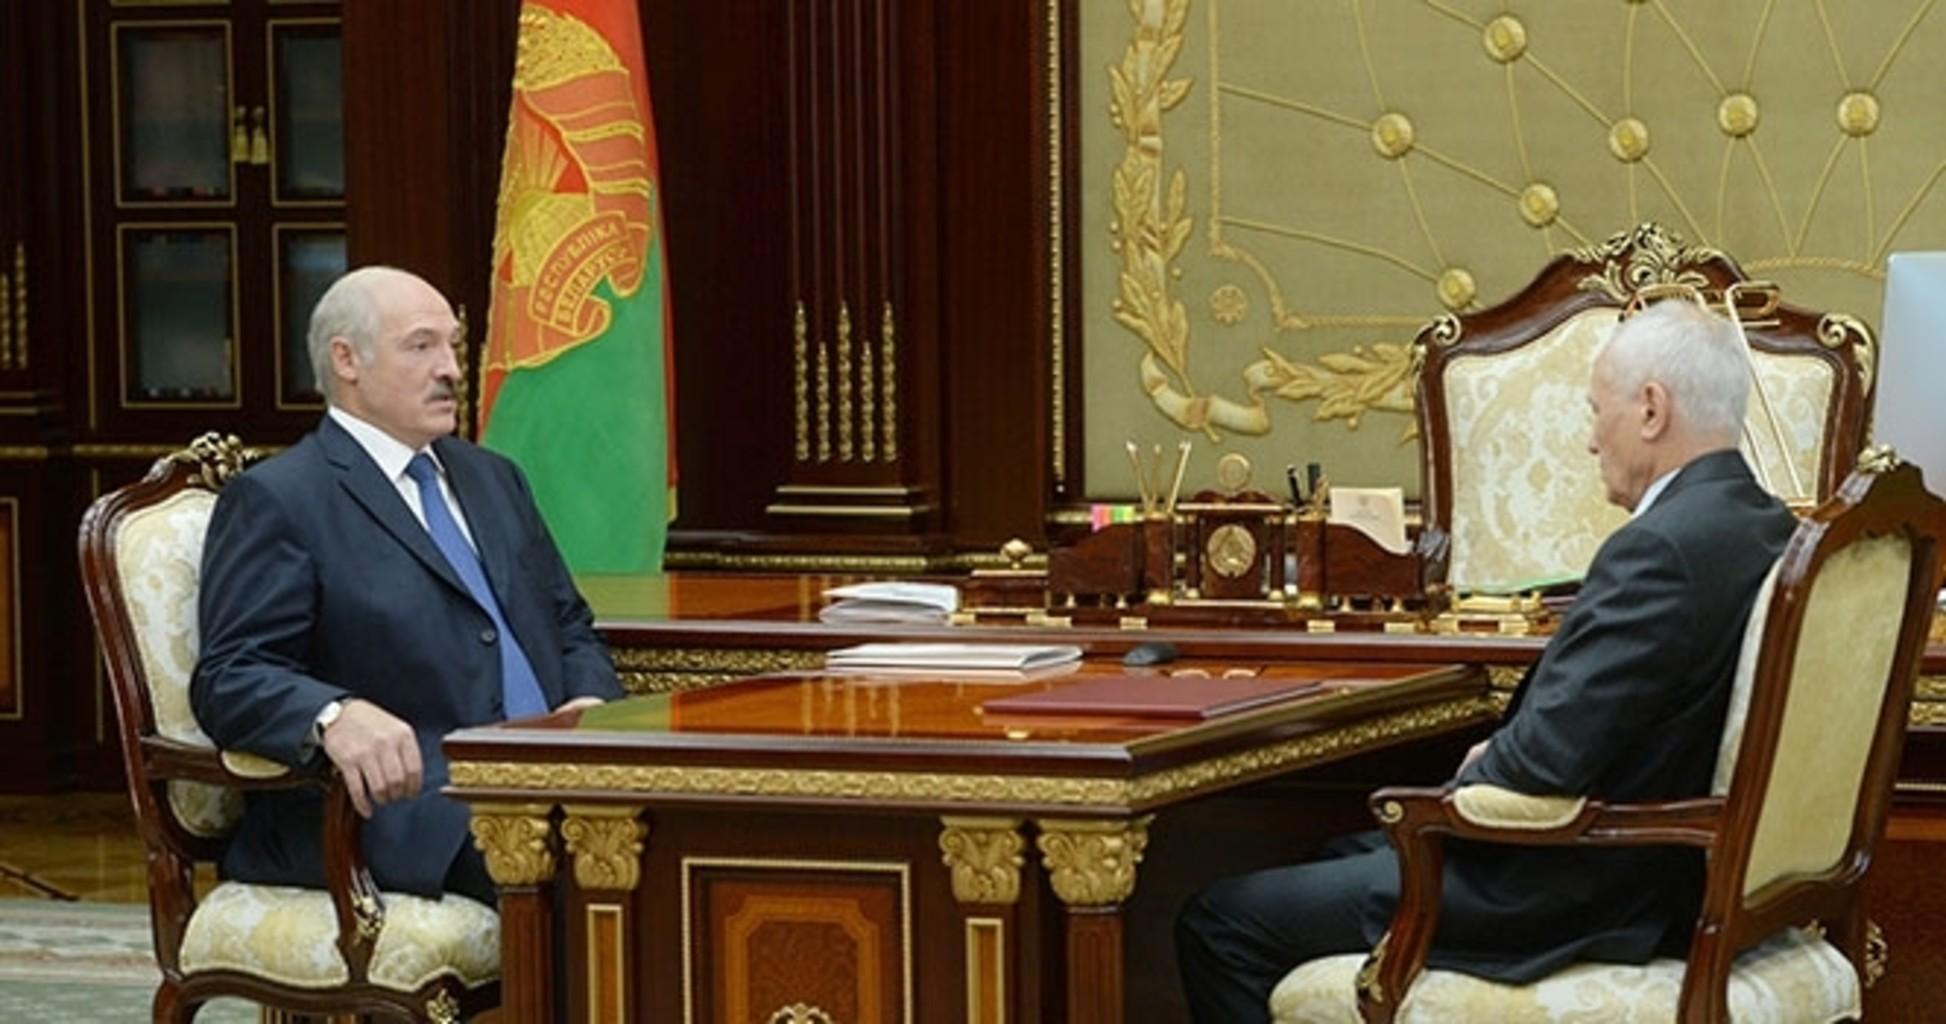 Александр Лукашенко и Григорий Рапота. 20 сентября 2016 года. Фото: пресс-служба президента Беларуси